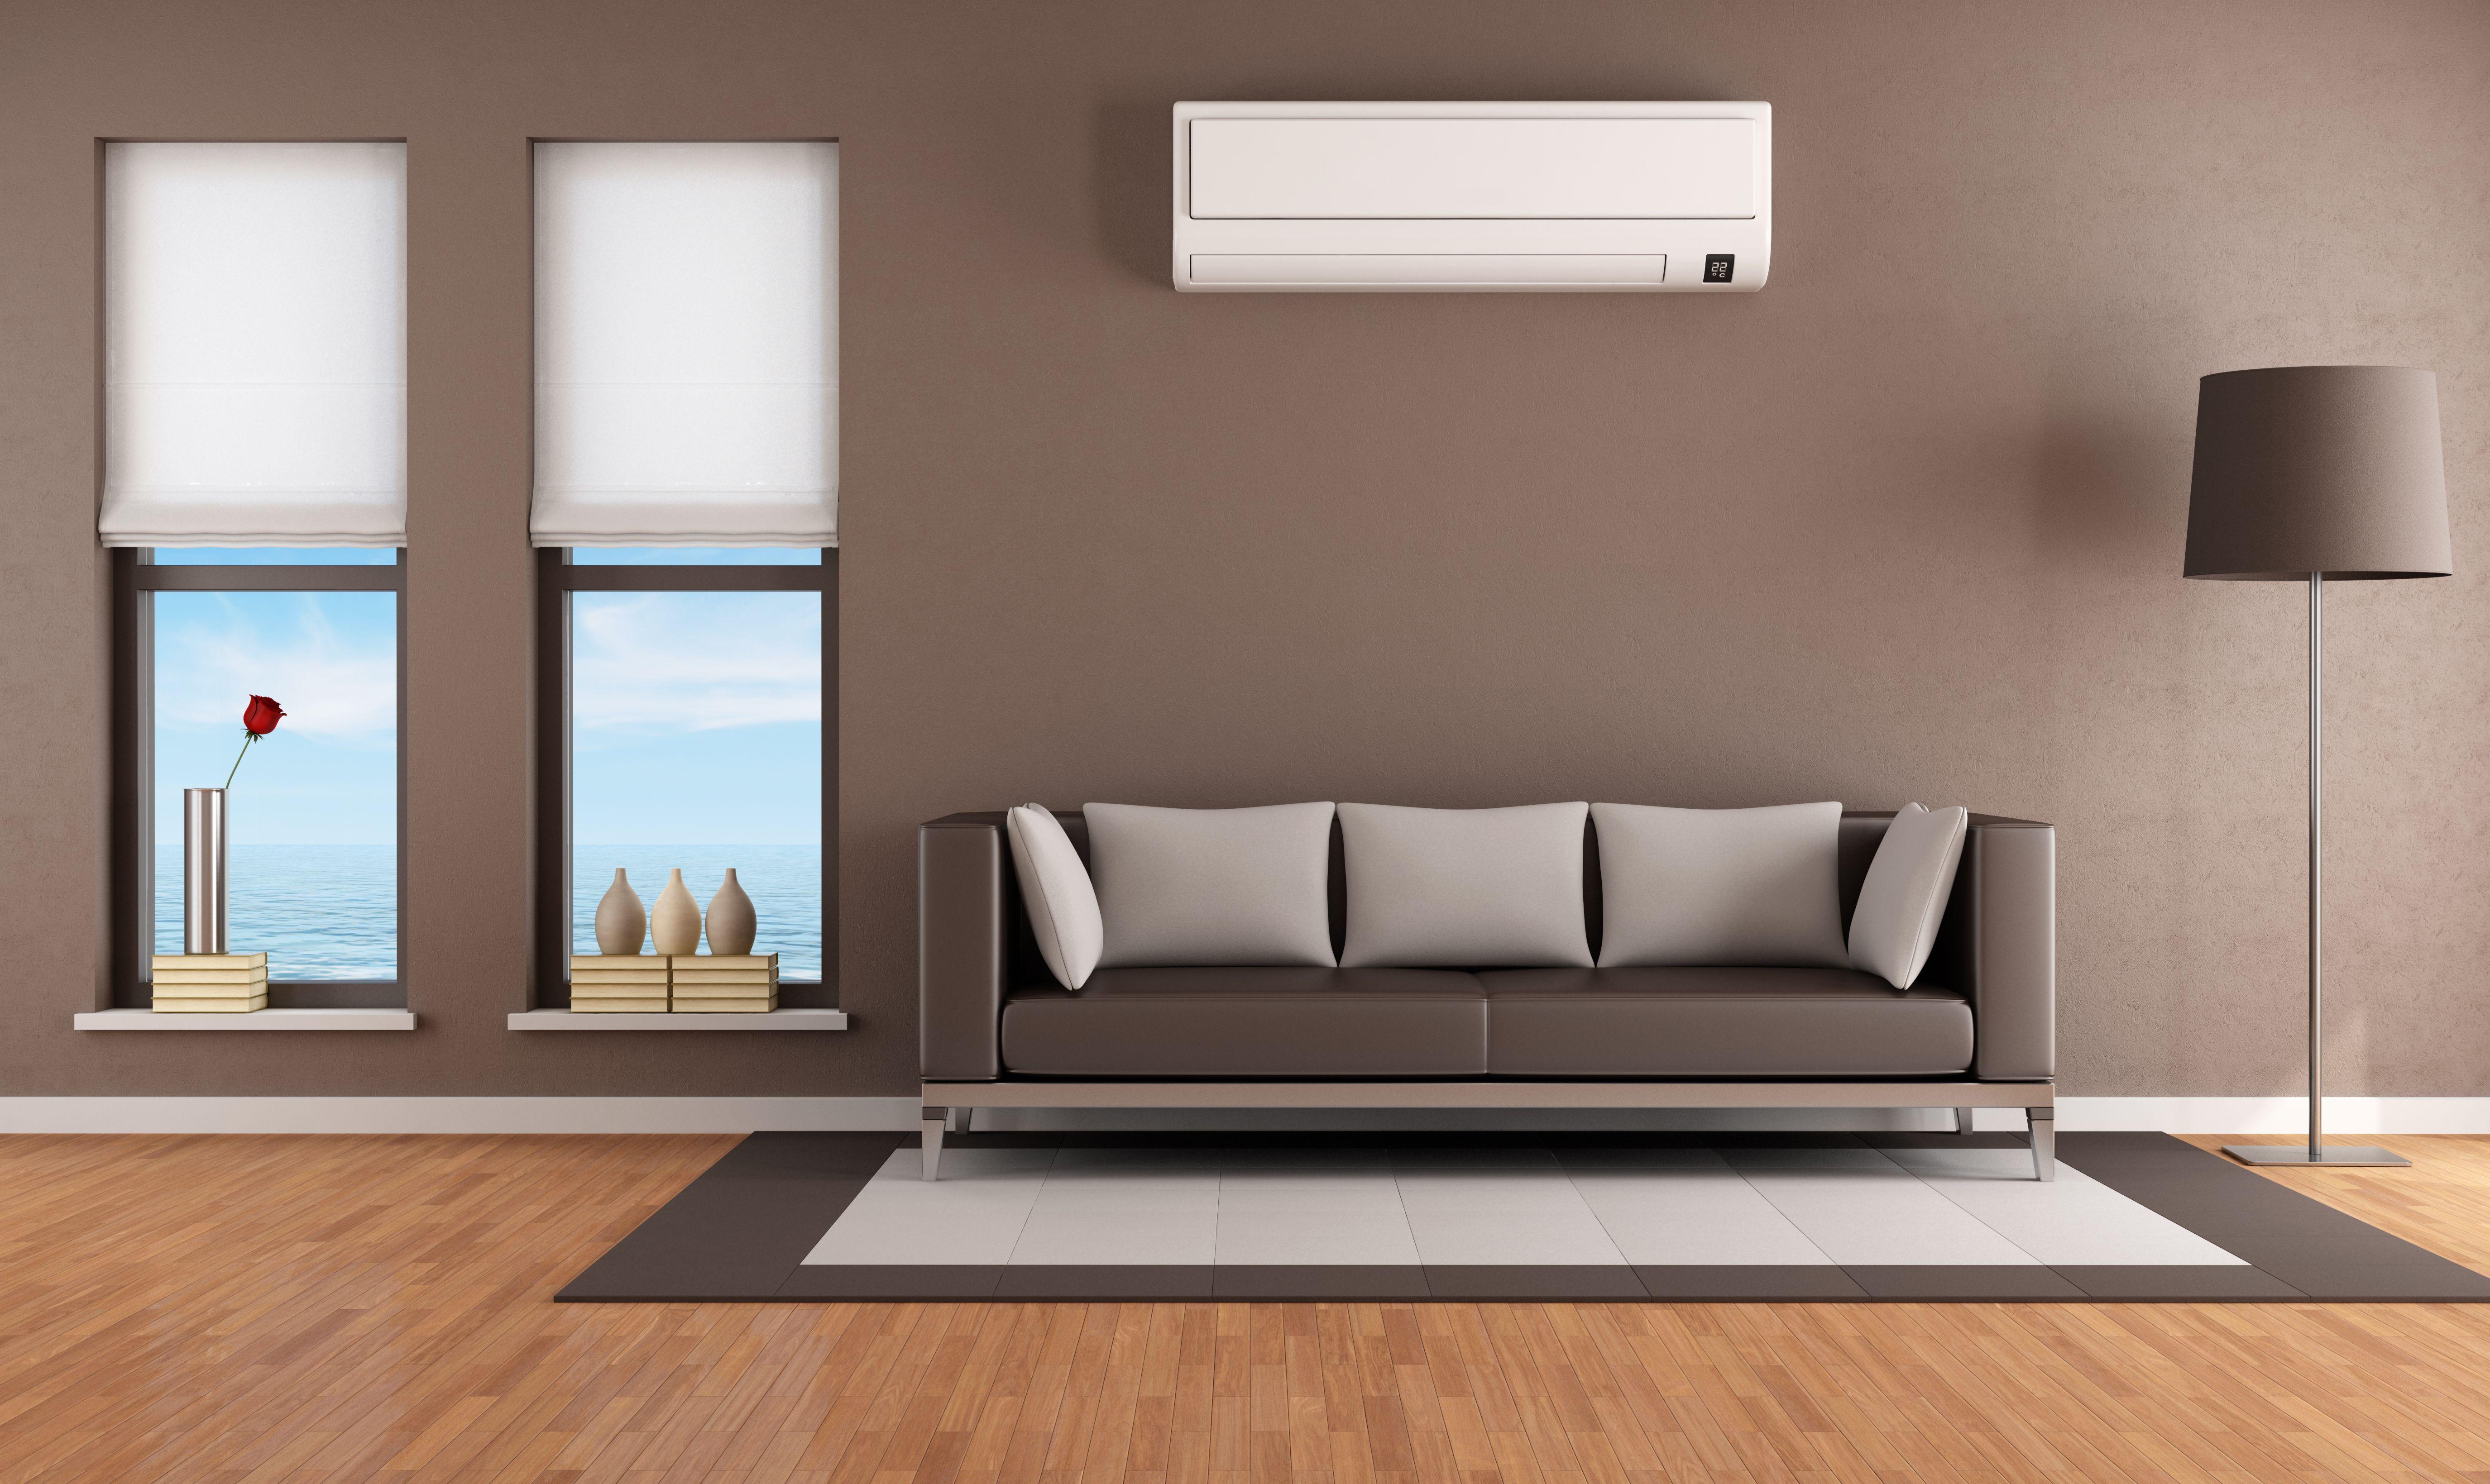 Empresas de instalación de aire acondicionado en Sant Boi de Llobregat